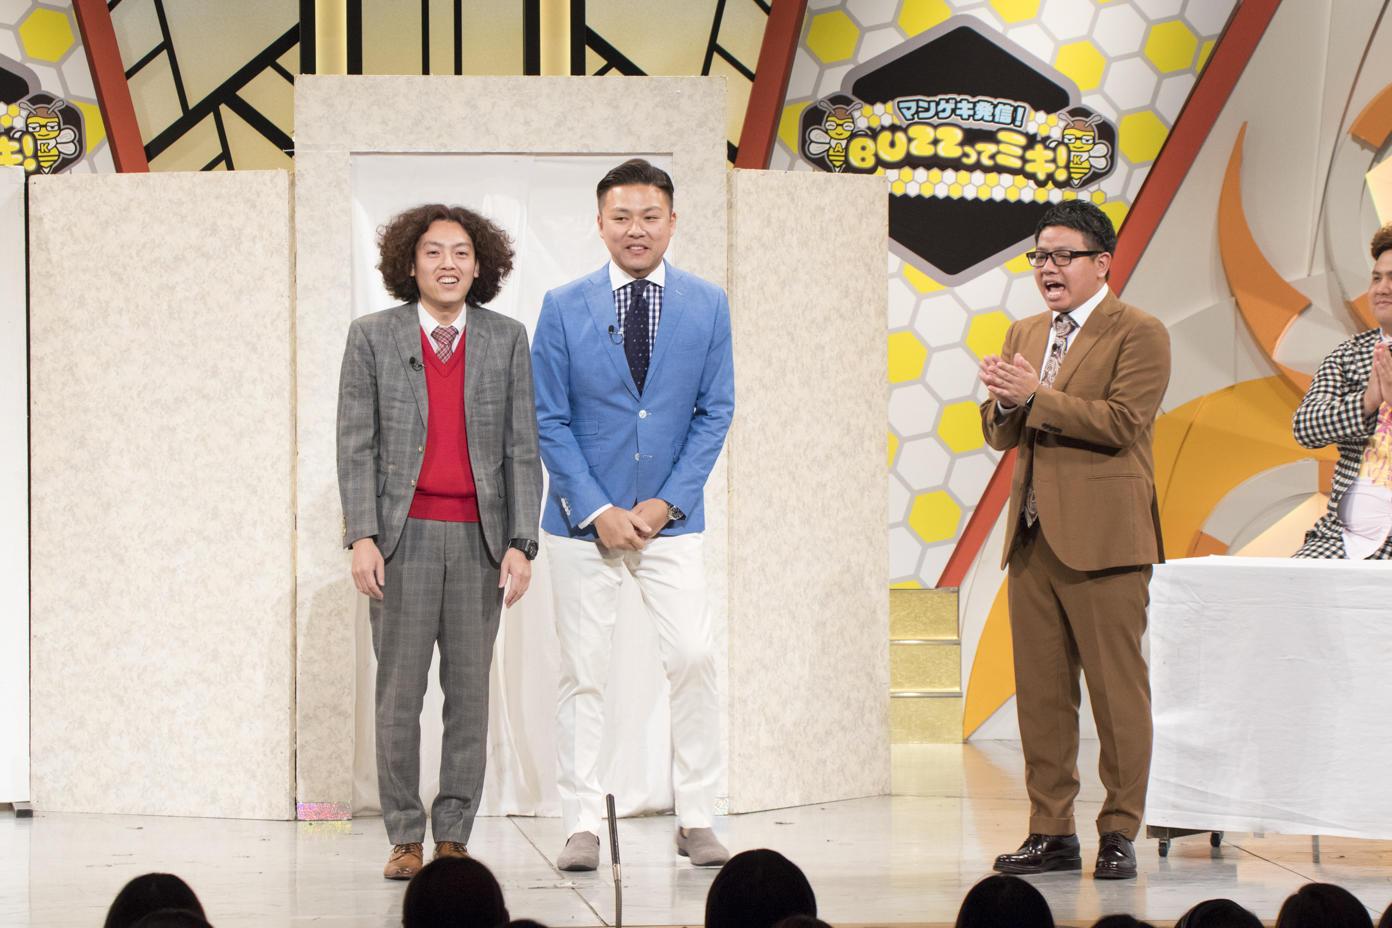 http://news.yoshimoto.co.jp/20170908065342-c3eadd70f6e0bed71f3edd4c84215117072bd0d9.jpg